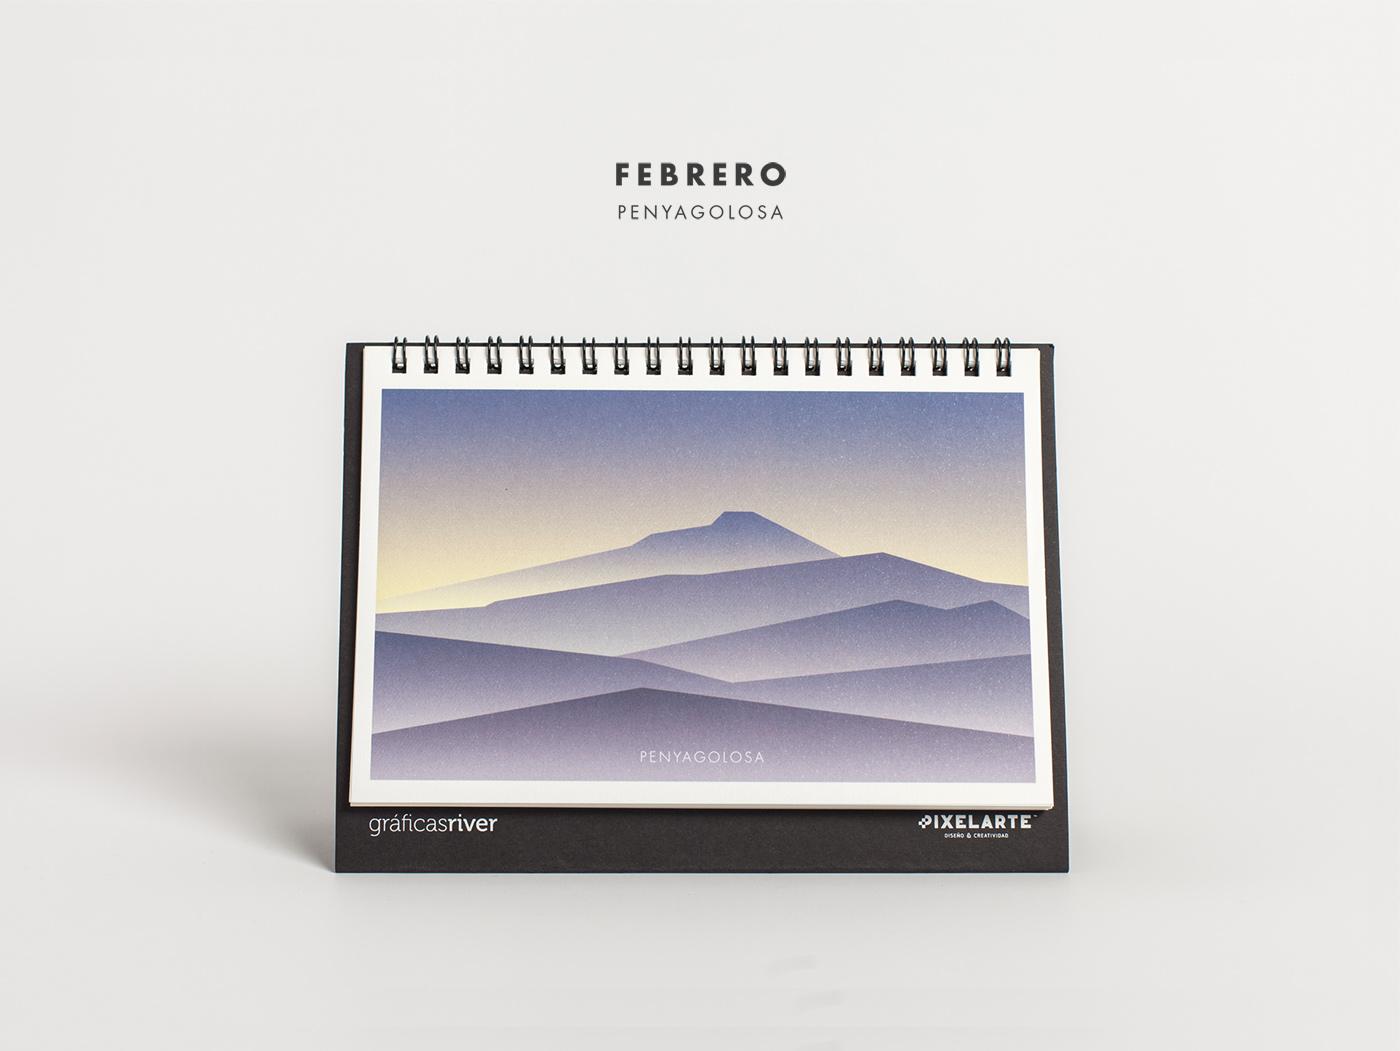 pixelarte-estudio-diseno-grafico-calendario-parques-comunidad_valenciana-febrero-2016